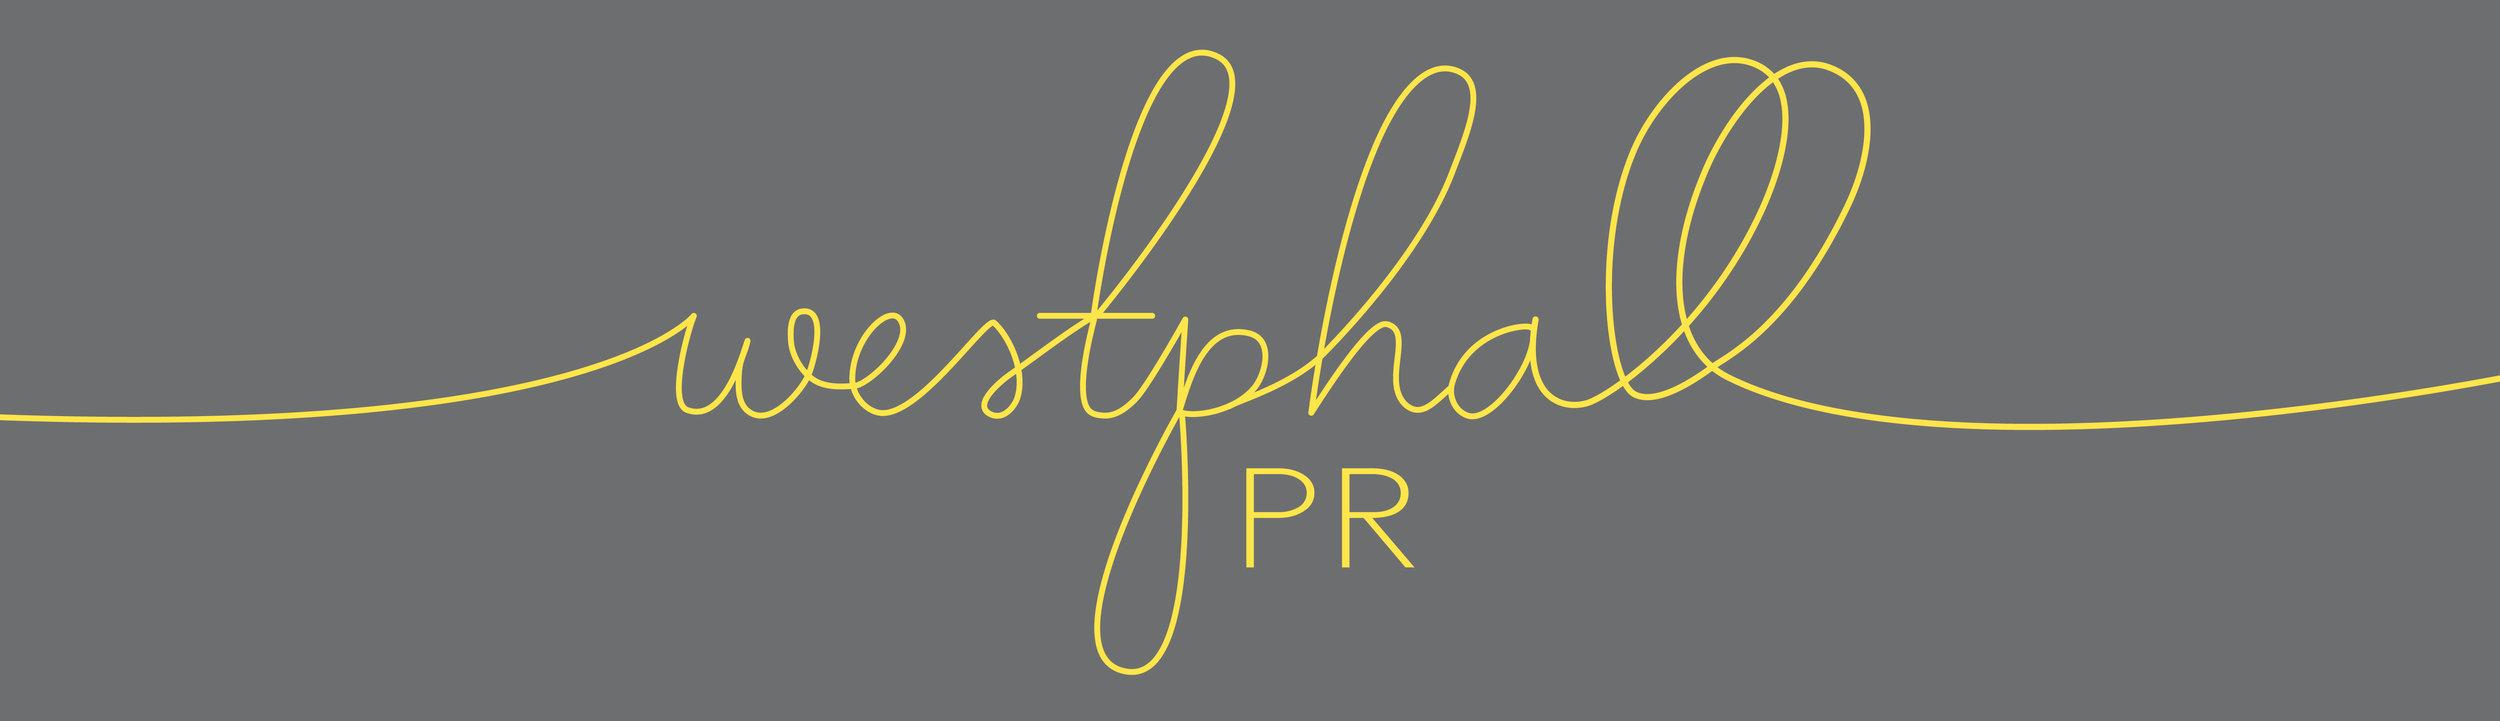 Westphall PR extended logo.jpg